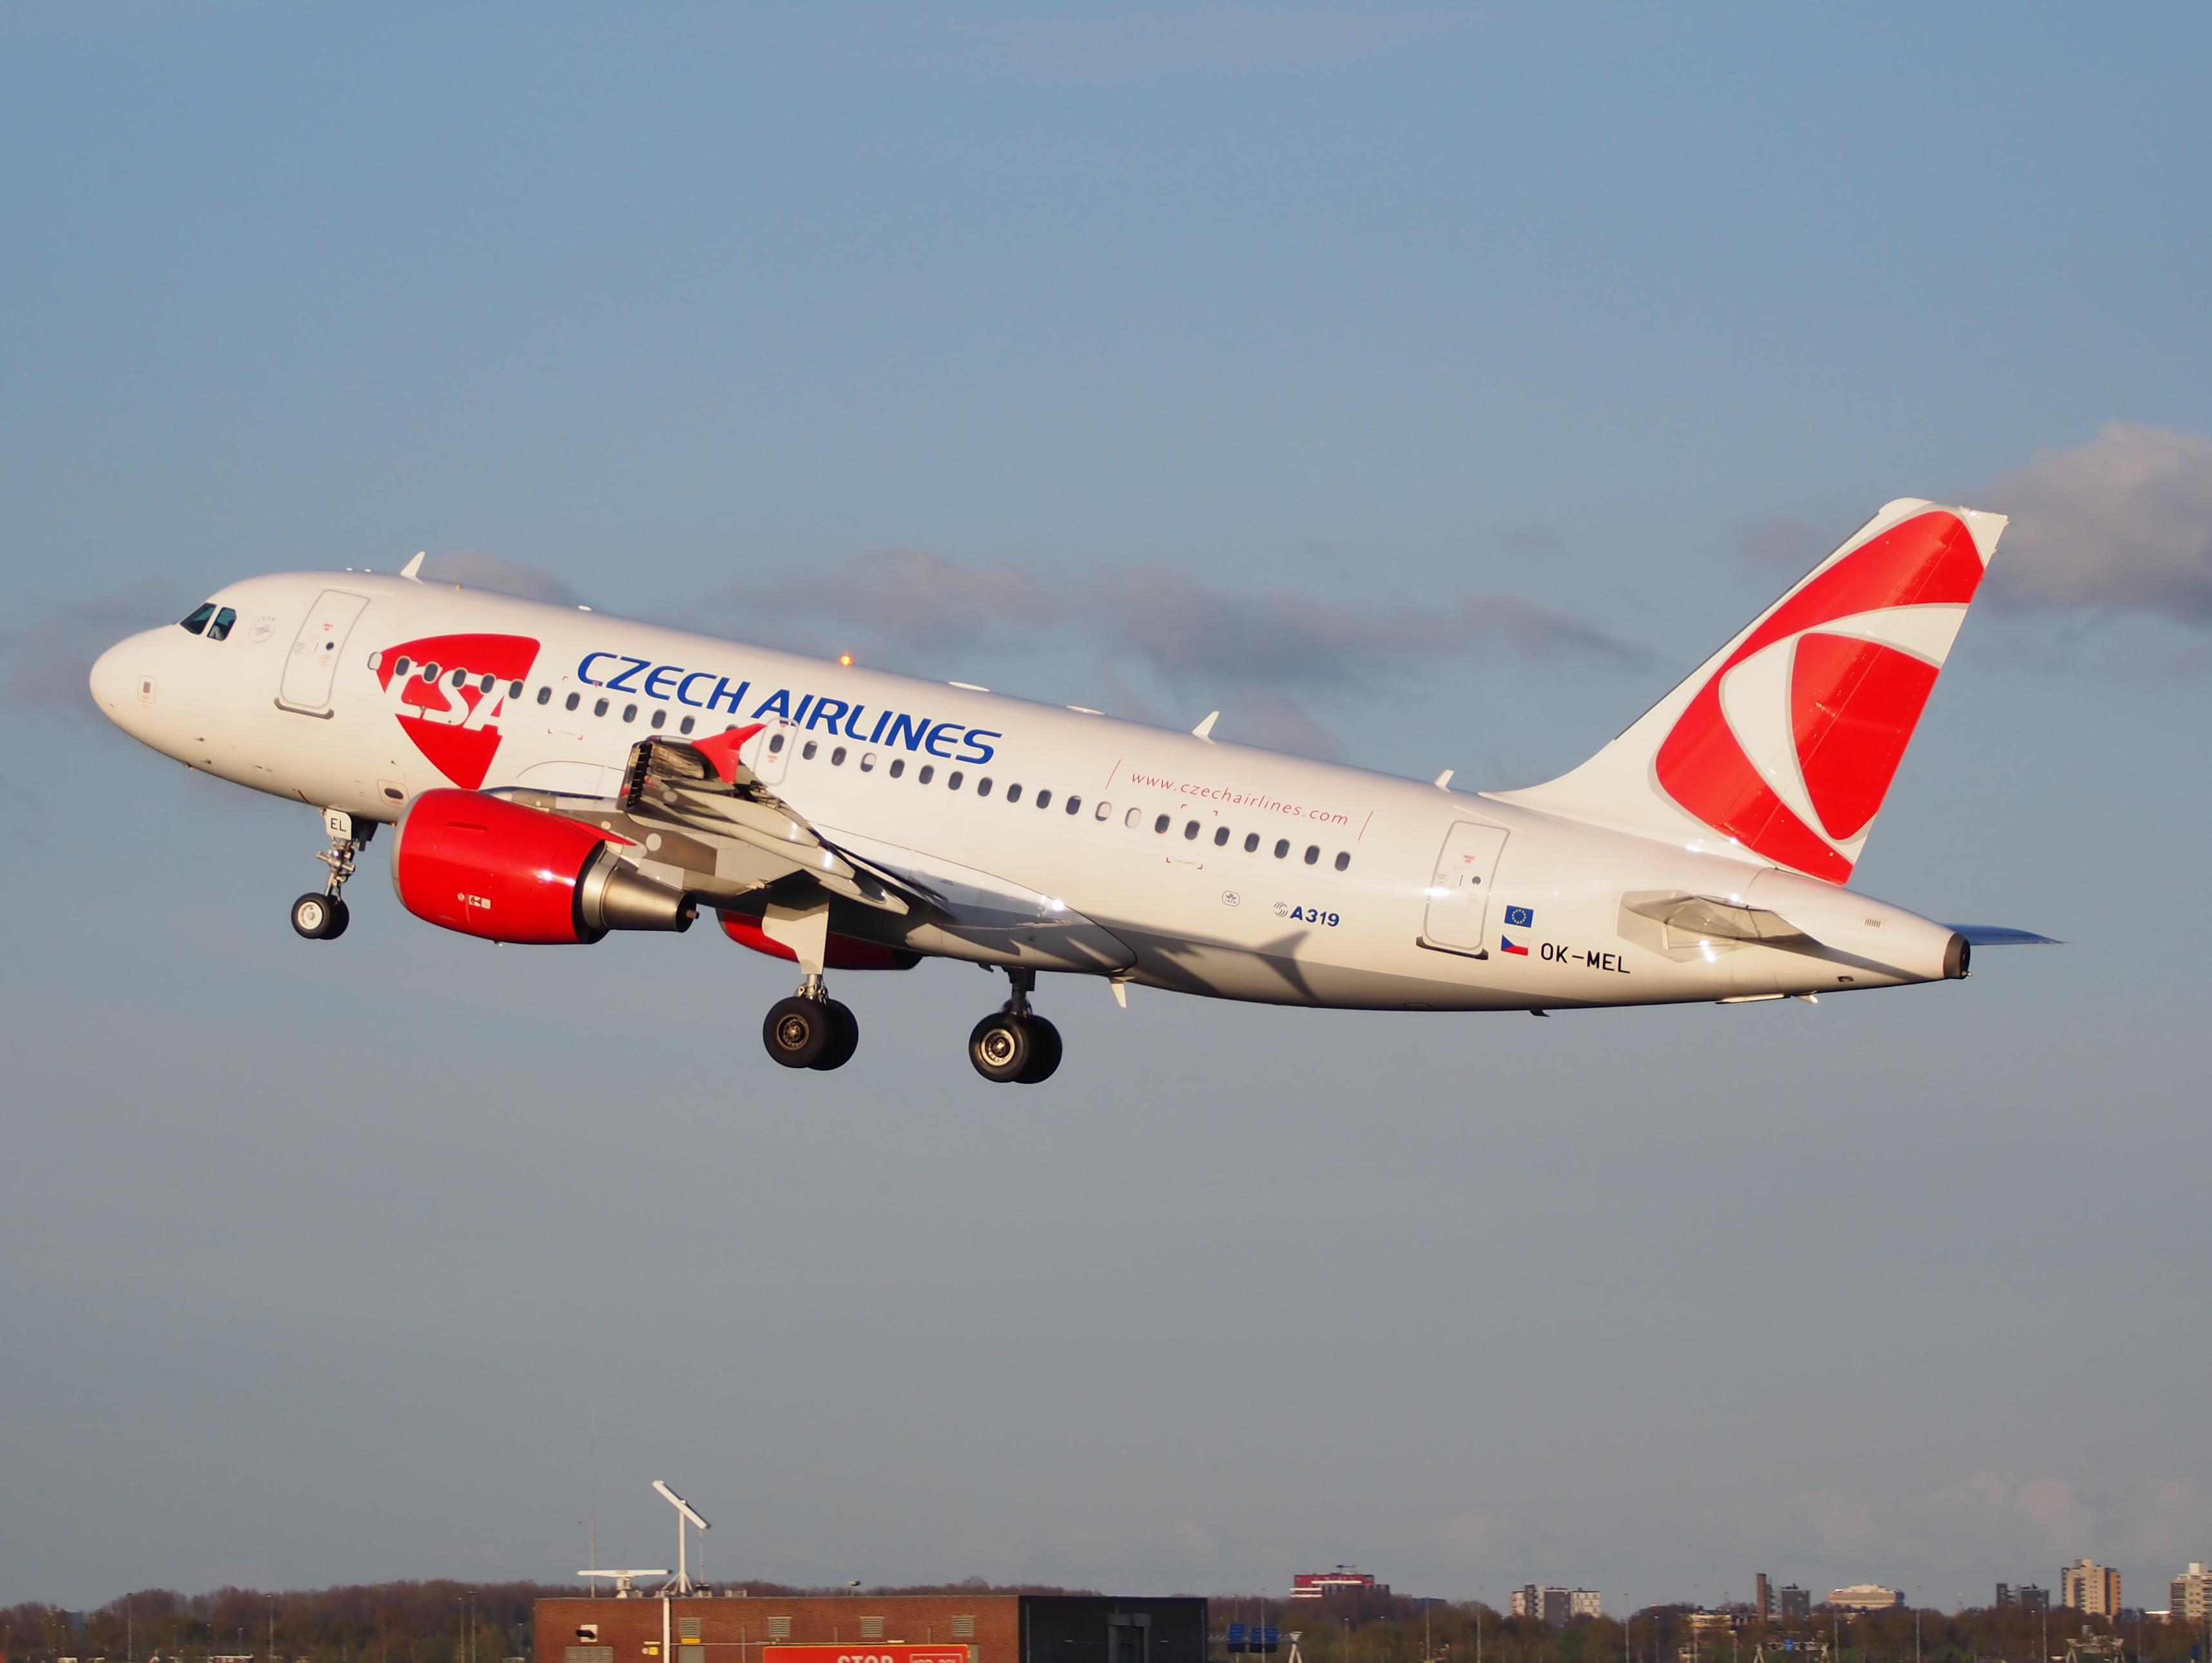 Авиакомпания Czech Airlines авиабилеты и расписание